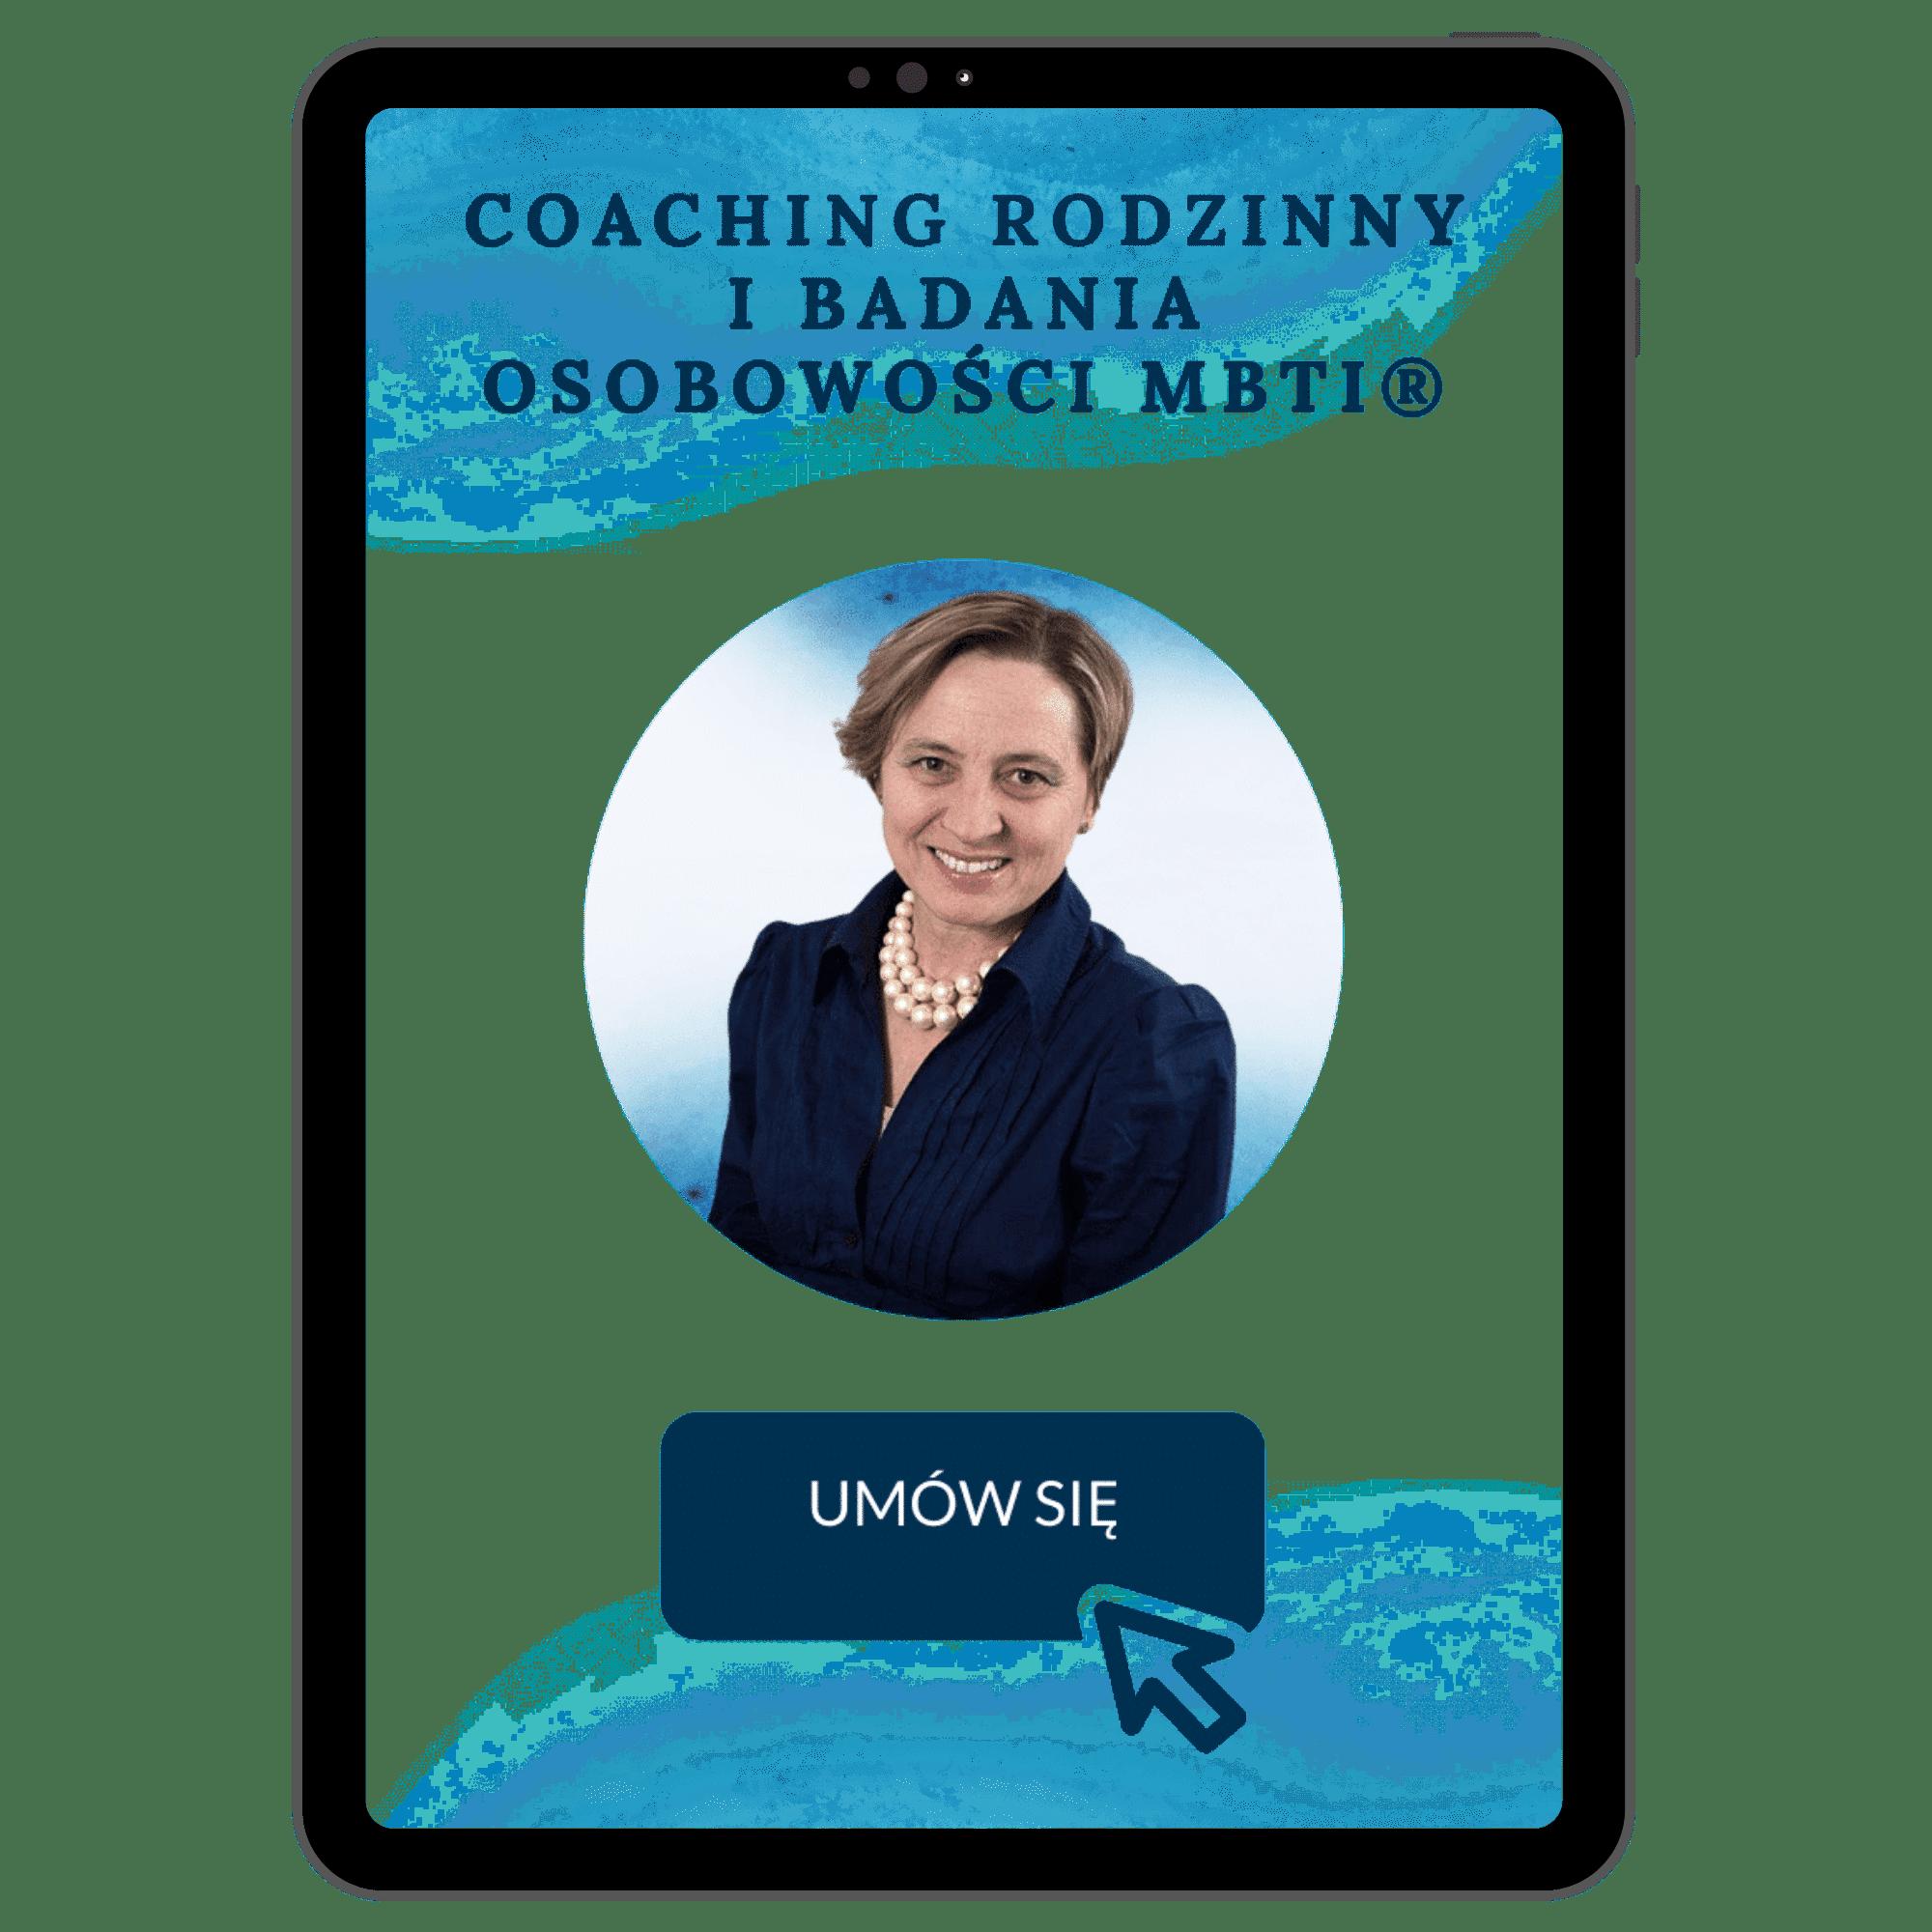 konsultacje coach rodzinny badania osobowosci mbti